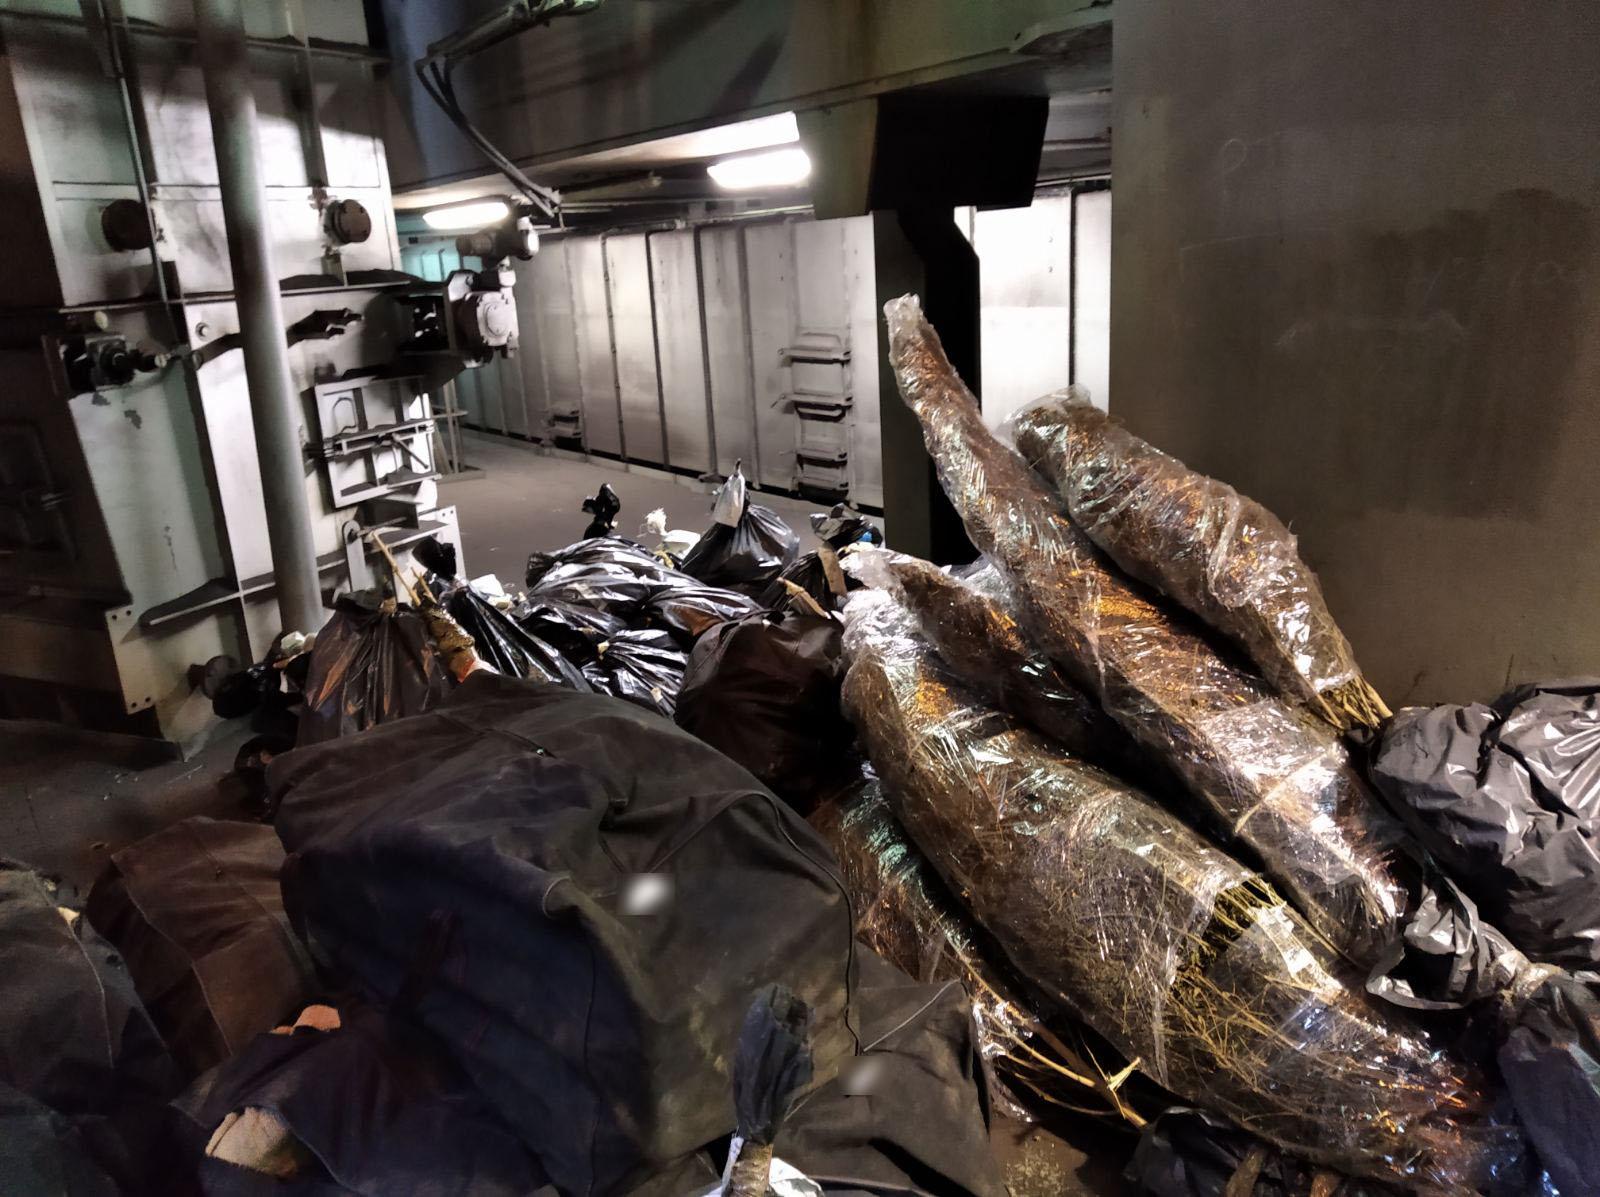 Μεγάλες ποσότητες ναρκωτικών ουσιών καταστράφηκαν σε υψικάμινο στο εργοστάσιο του ΑΗΣ Μελίτης